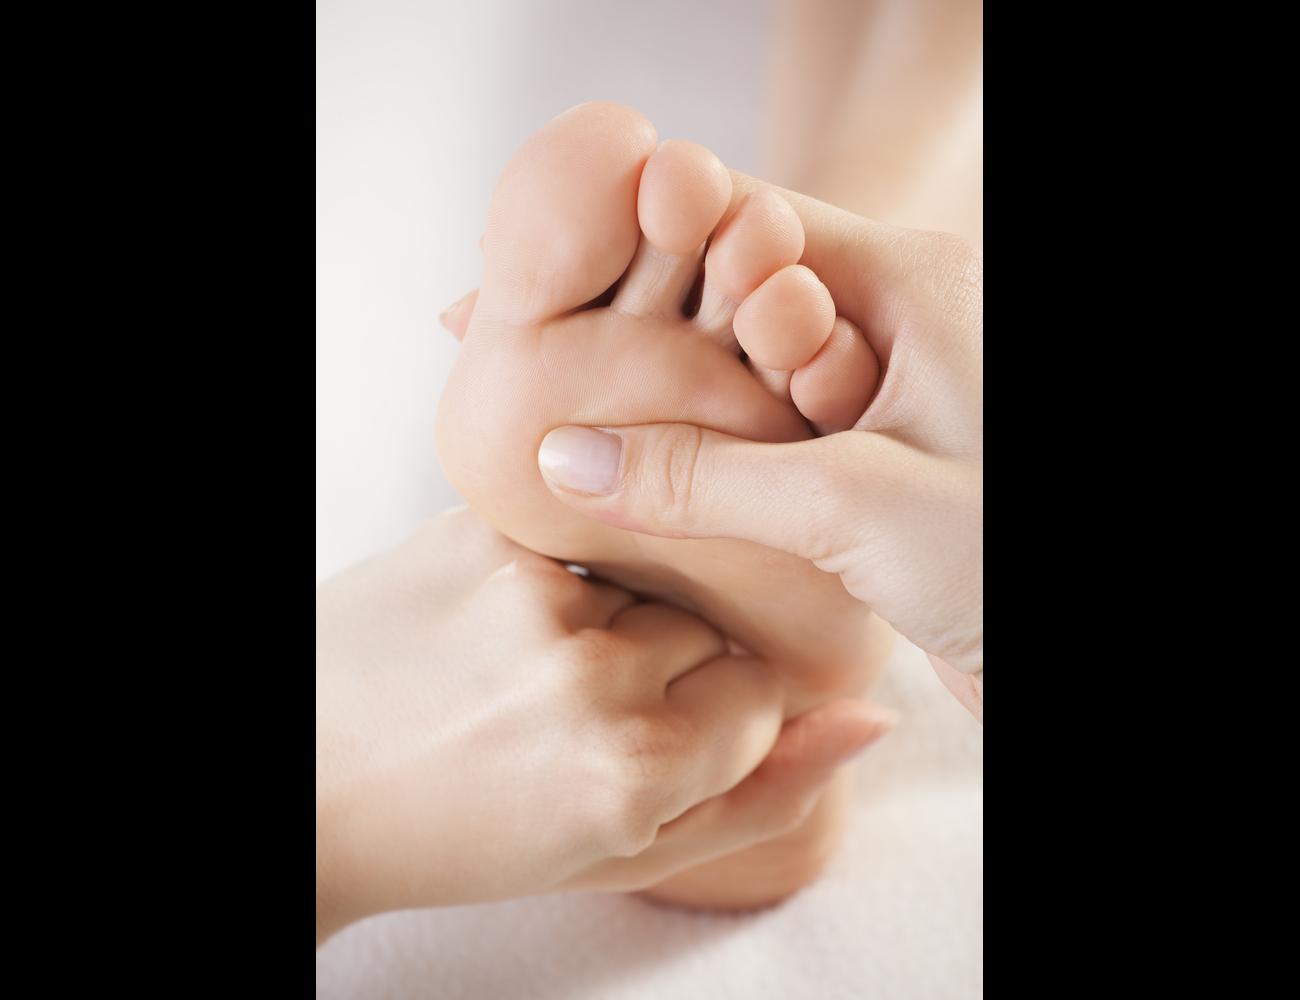 Межпальцевая мозоль на ноге: лечение и причины